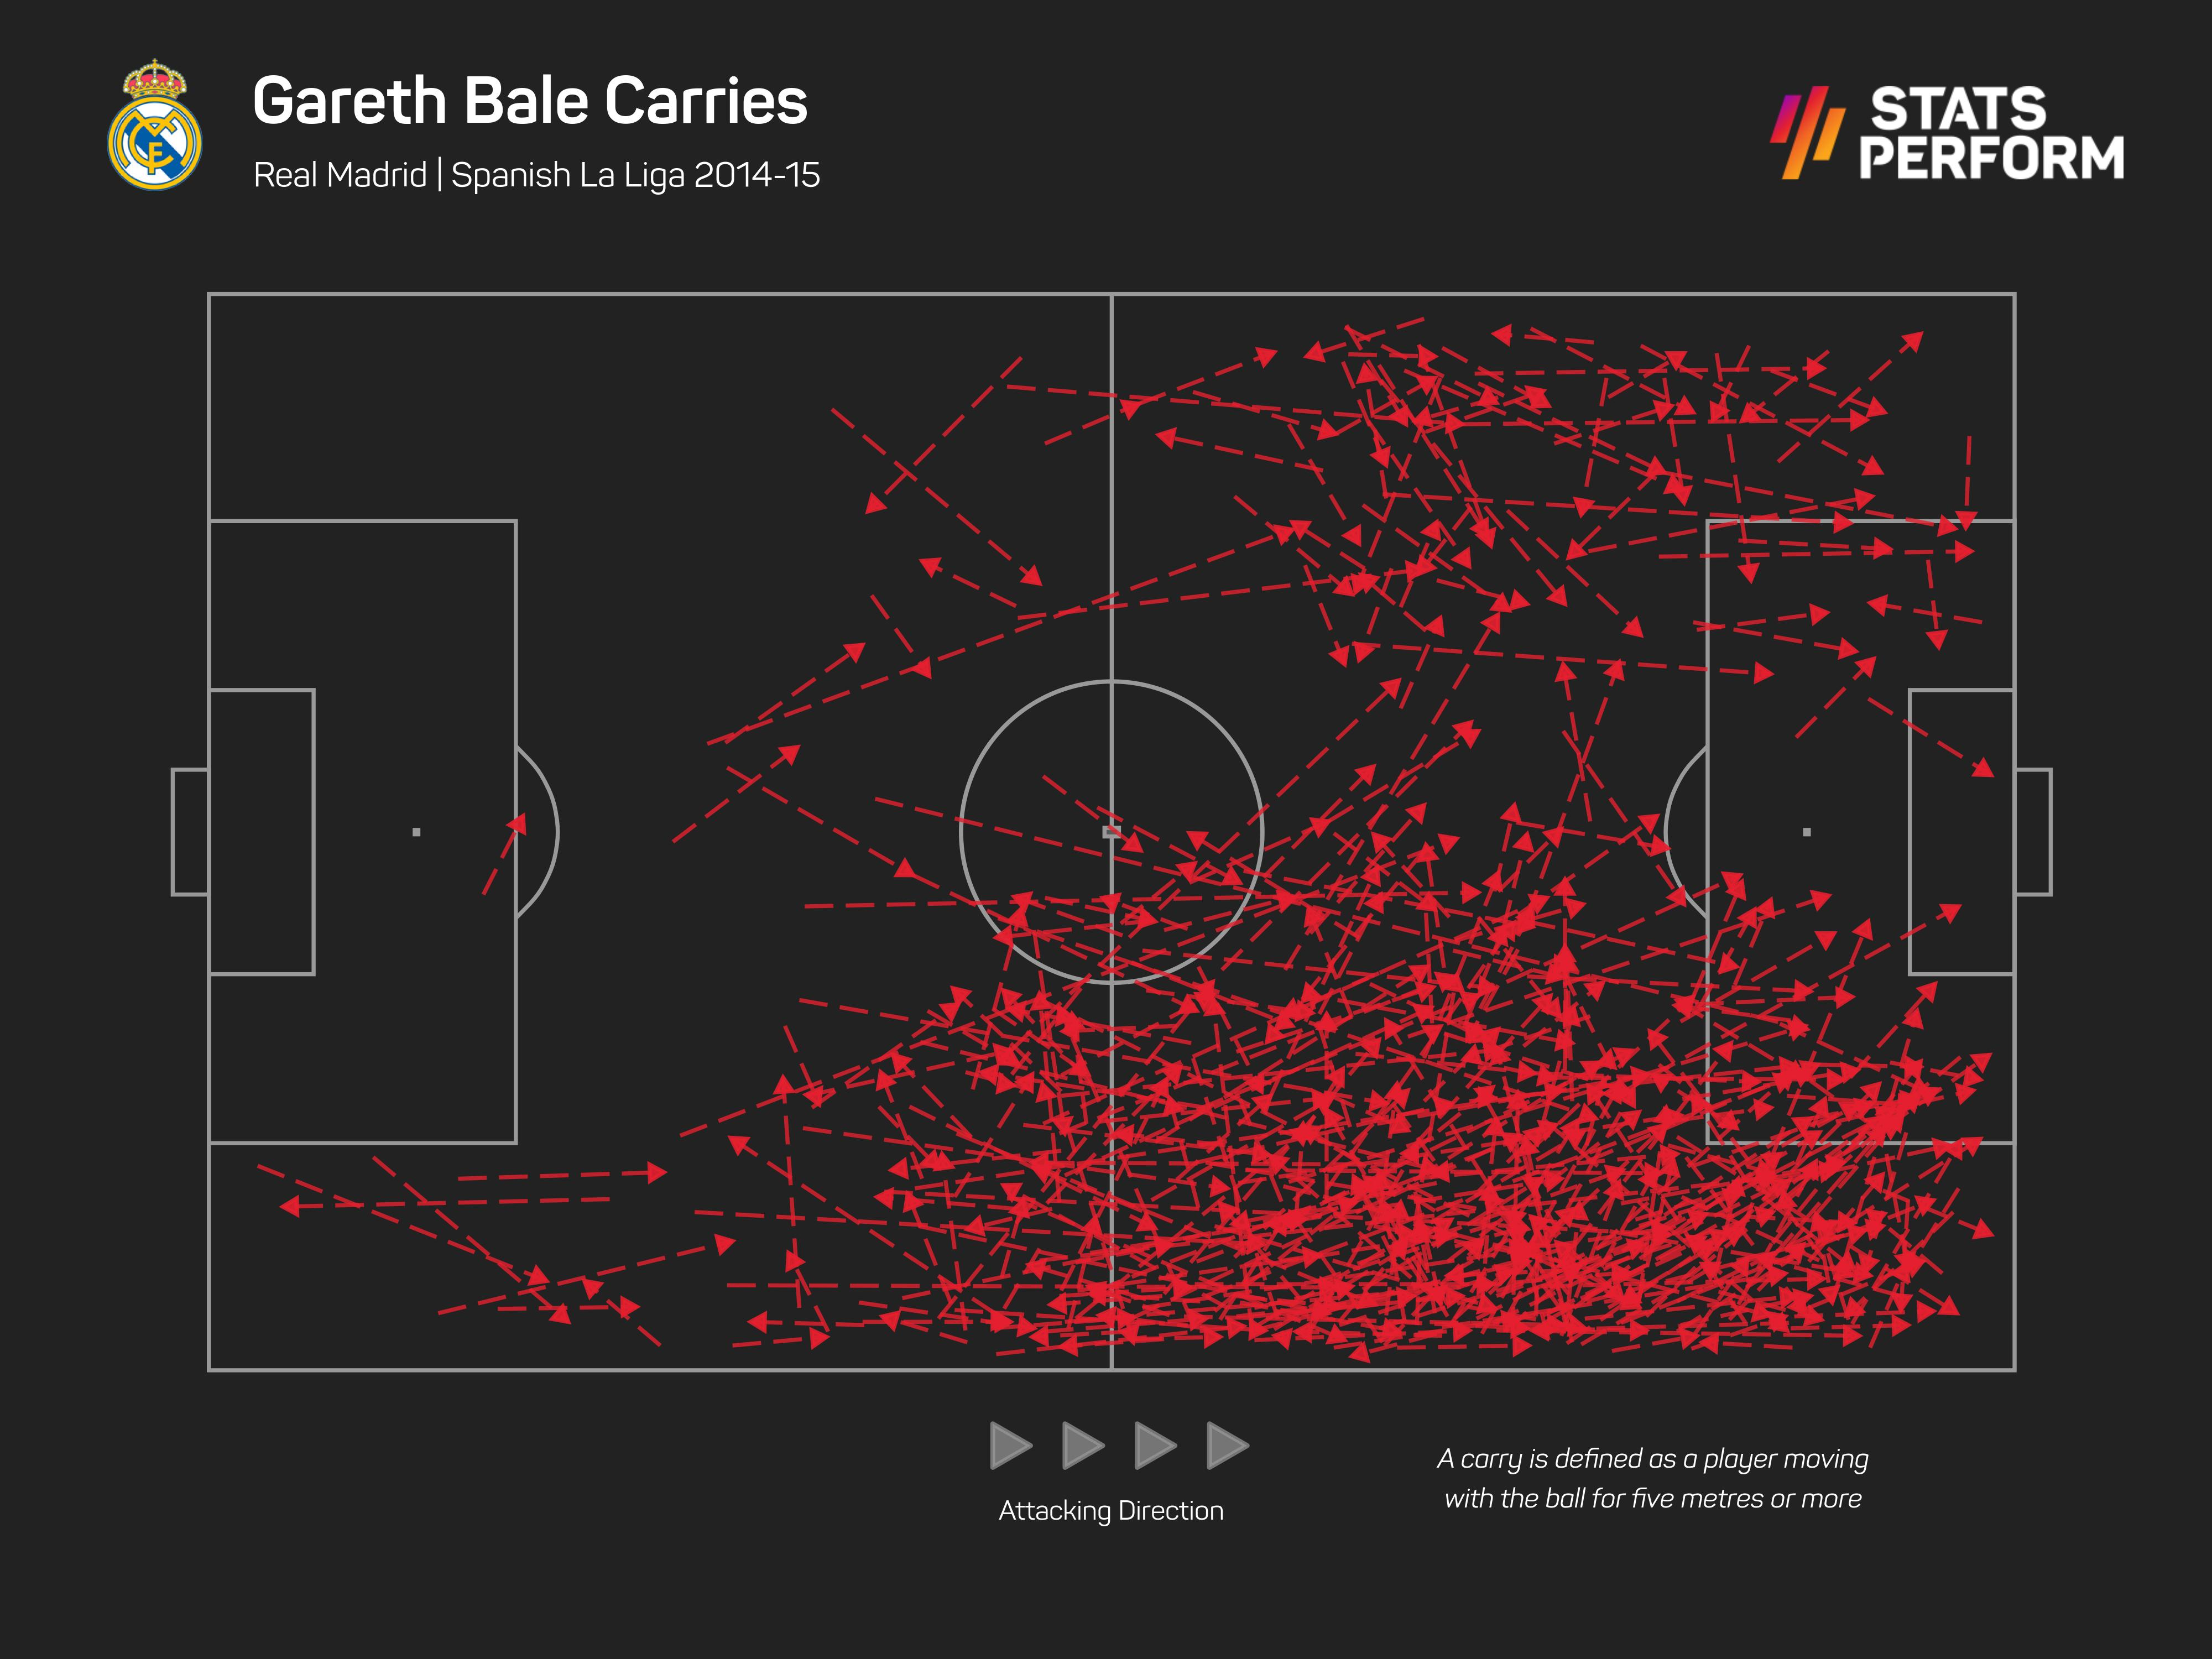 Gareth Bale in Carlo Ancelotti's previous Real Madrid season